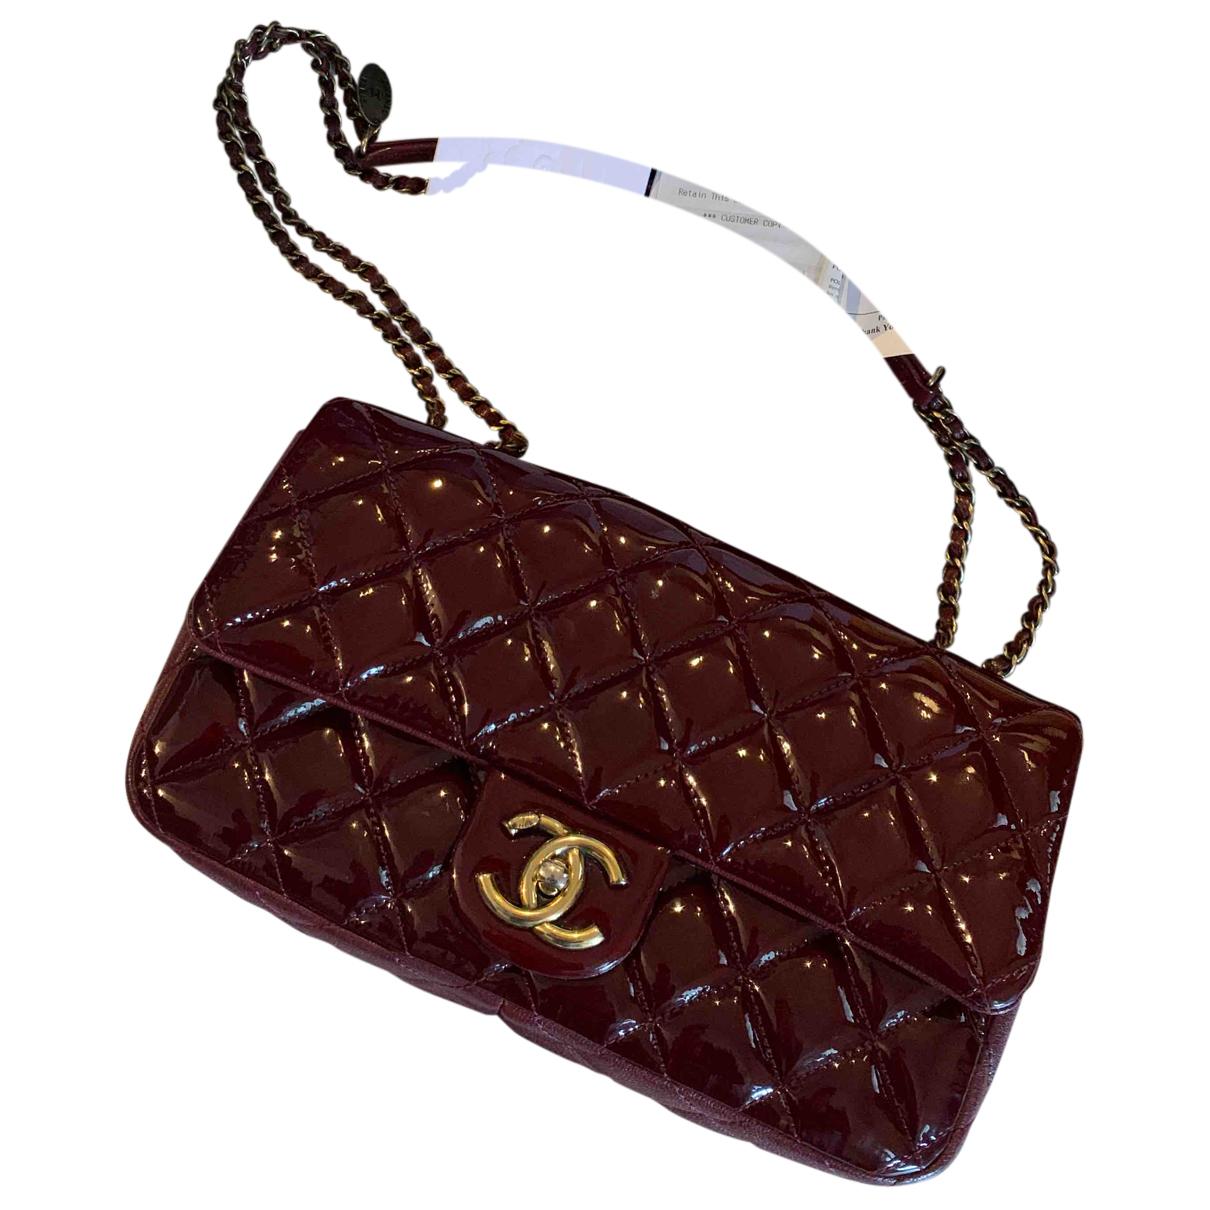 Chanel - Sac a main Timeless/Classique pour femme en cuir verni - bordeaux